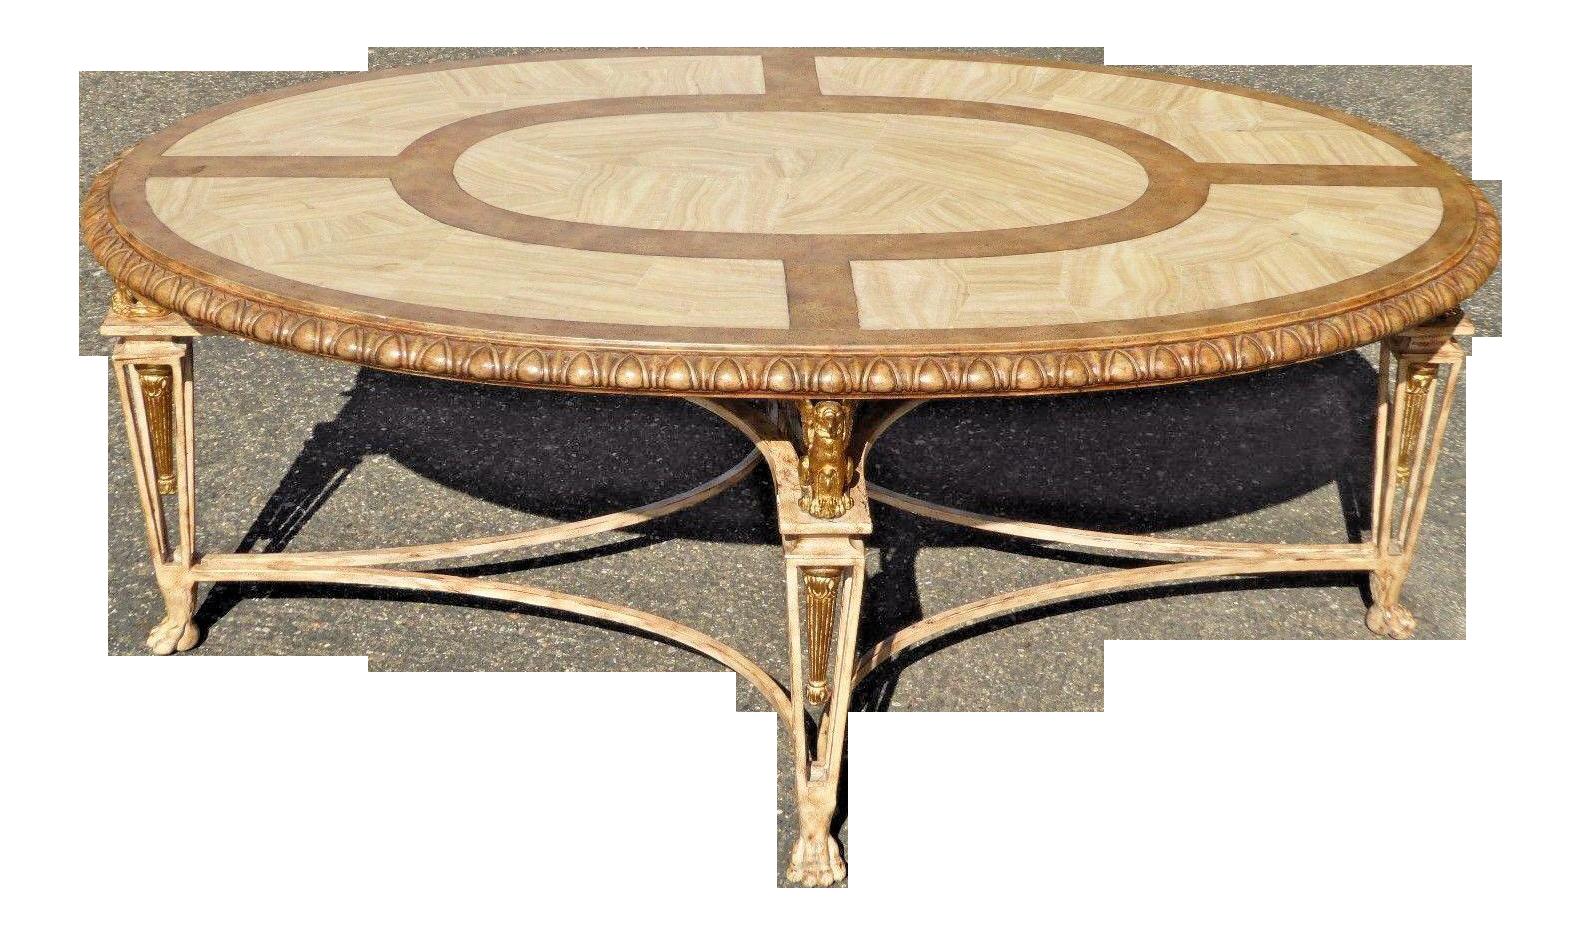 Image of Vintage La Barge Carved Wood & Gilt Griffin Oval Coffee Table - Vintage La Barge Carved Wood & Gilt Griffin Oval Coffee Table